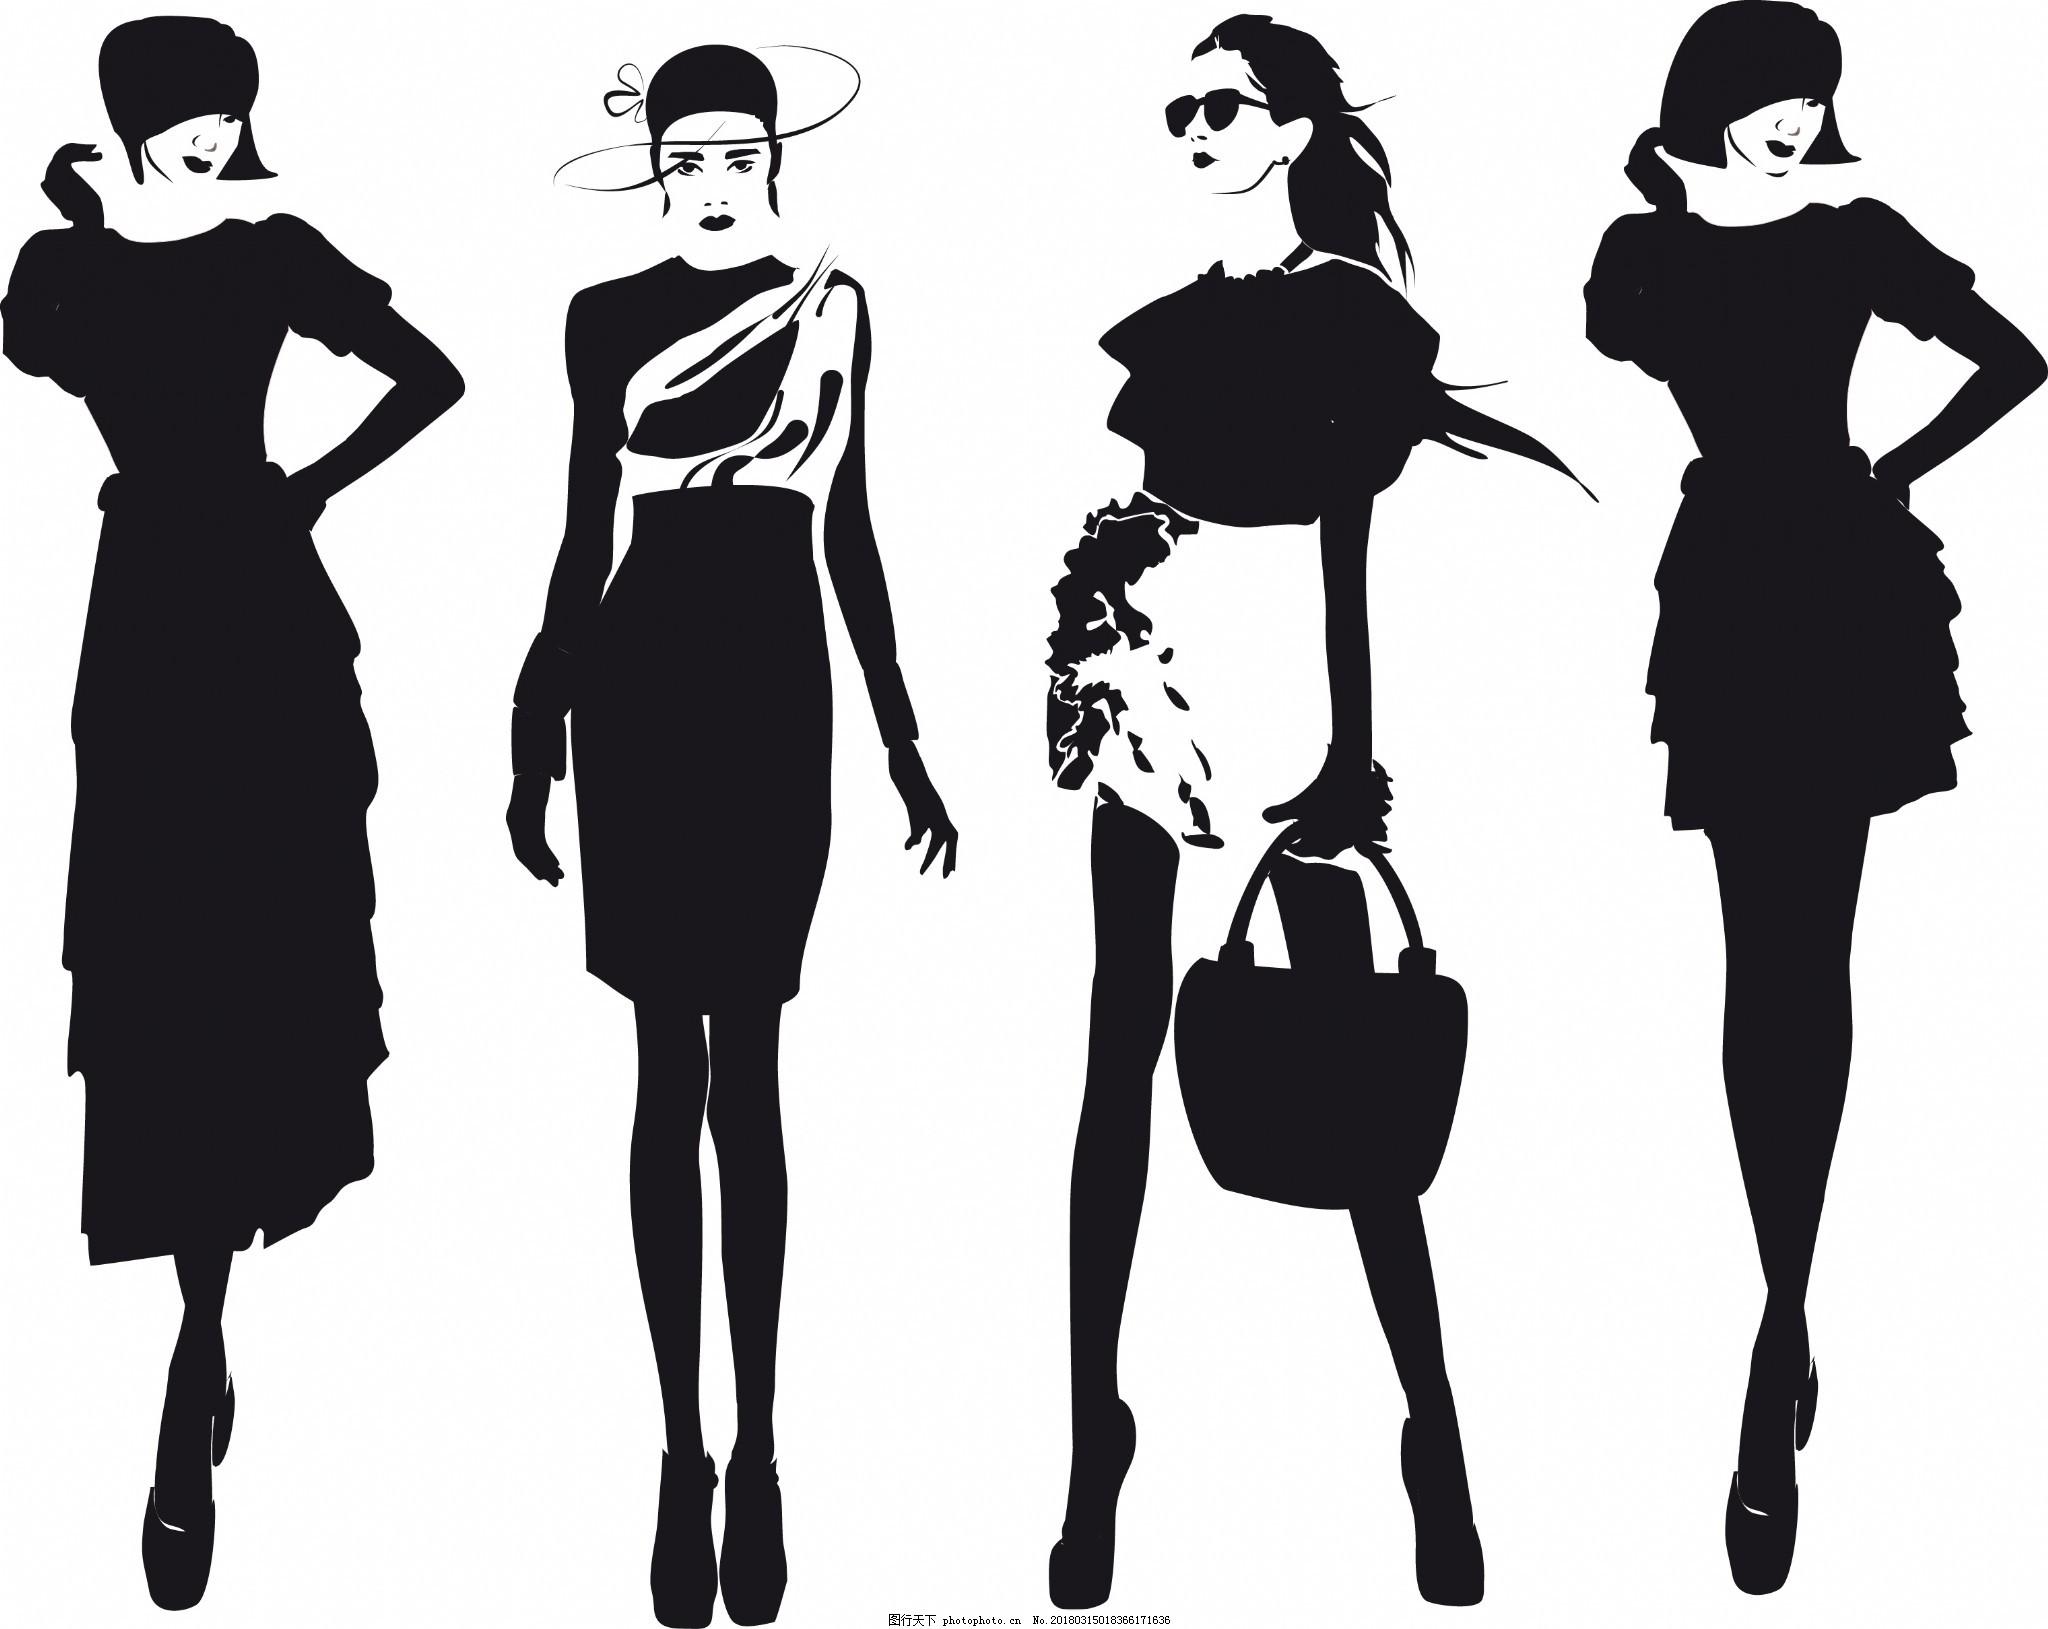 纸杯设计矢量图_黑白时尚时装模特插画图片_动漫人物_动漫卡通-图行天下素材网